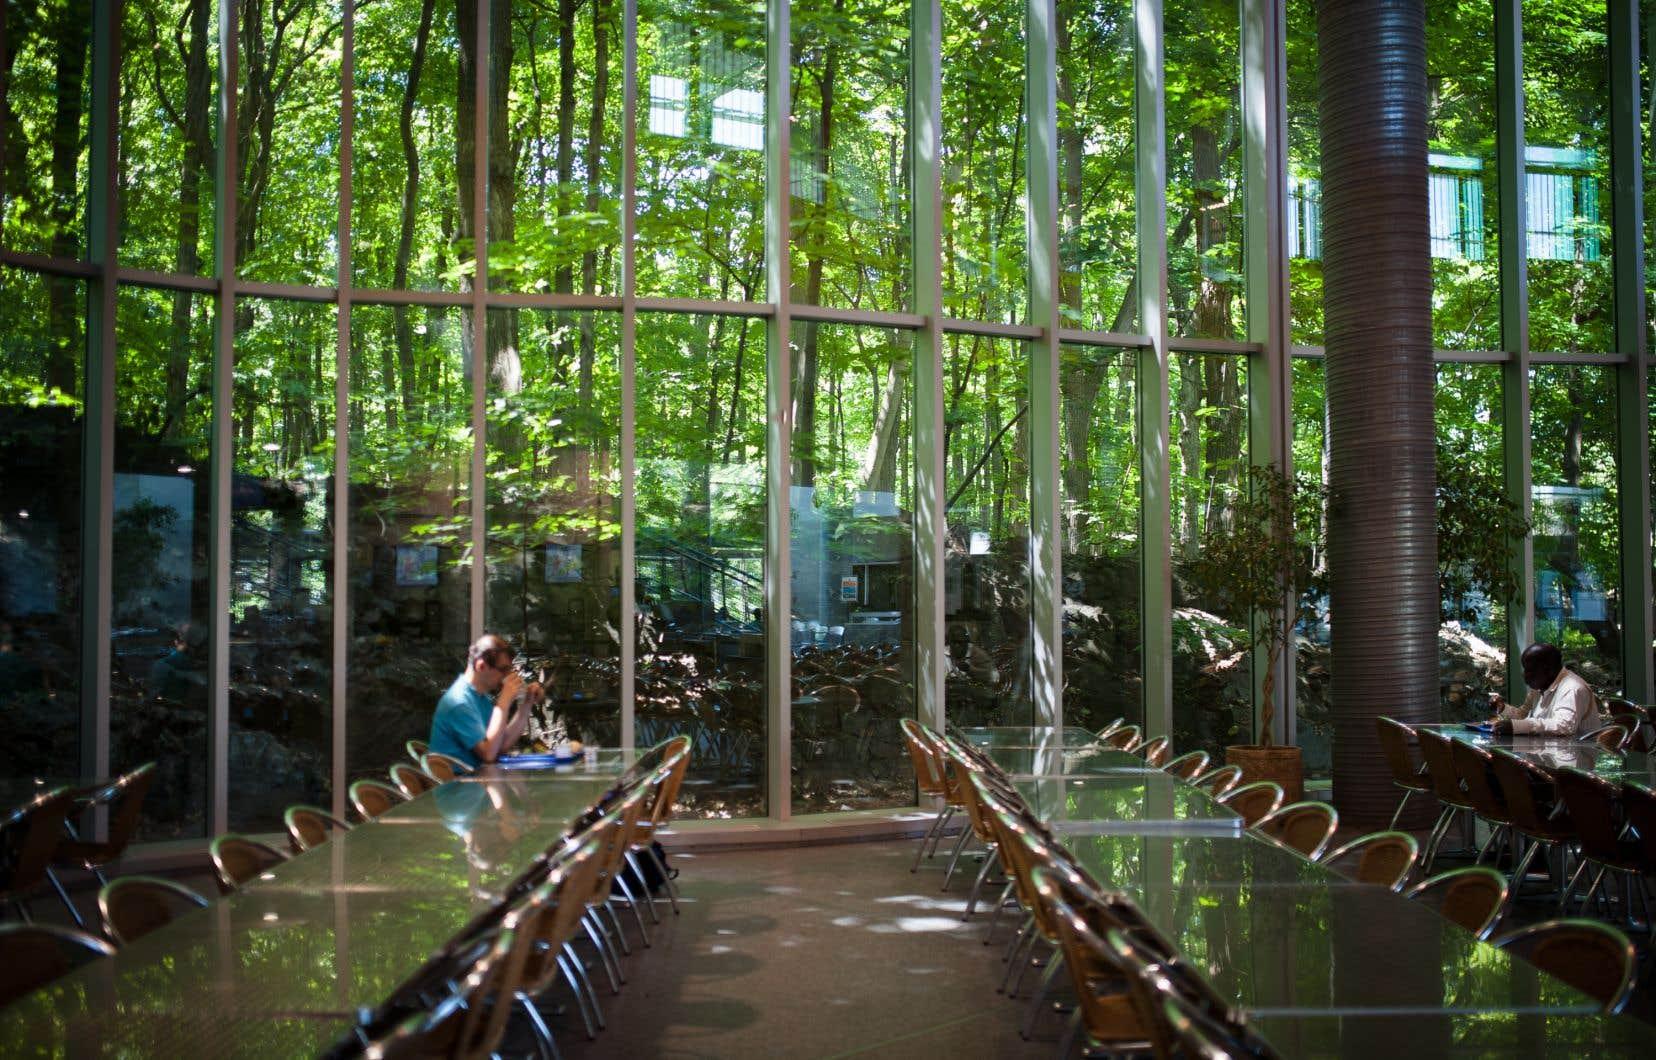 Œuvre phare de l'architecte montréalais décédé en 2017, le bâtiment de HEC jongle avec les contrastes. Extérieur versus intérieur, monumental versus détails, façade industrielle versus dos vert...